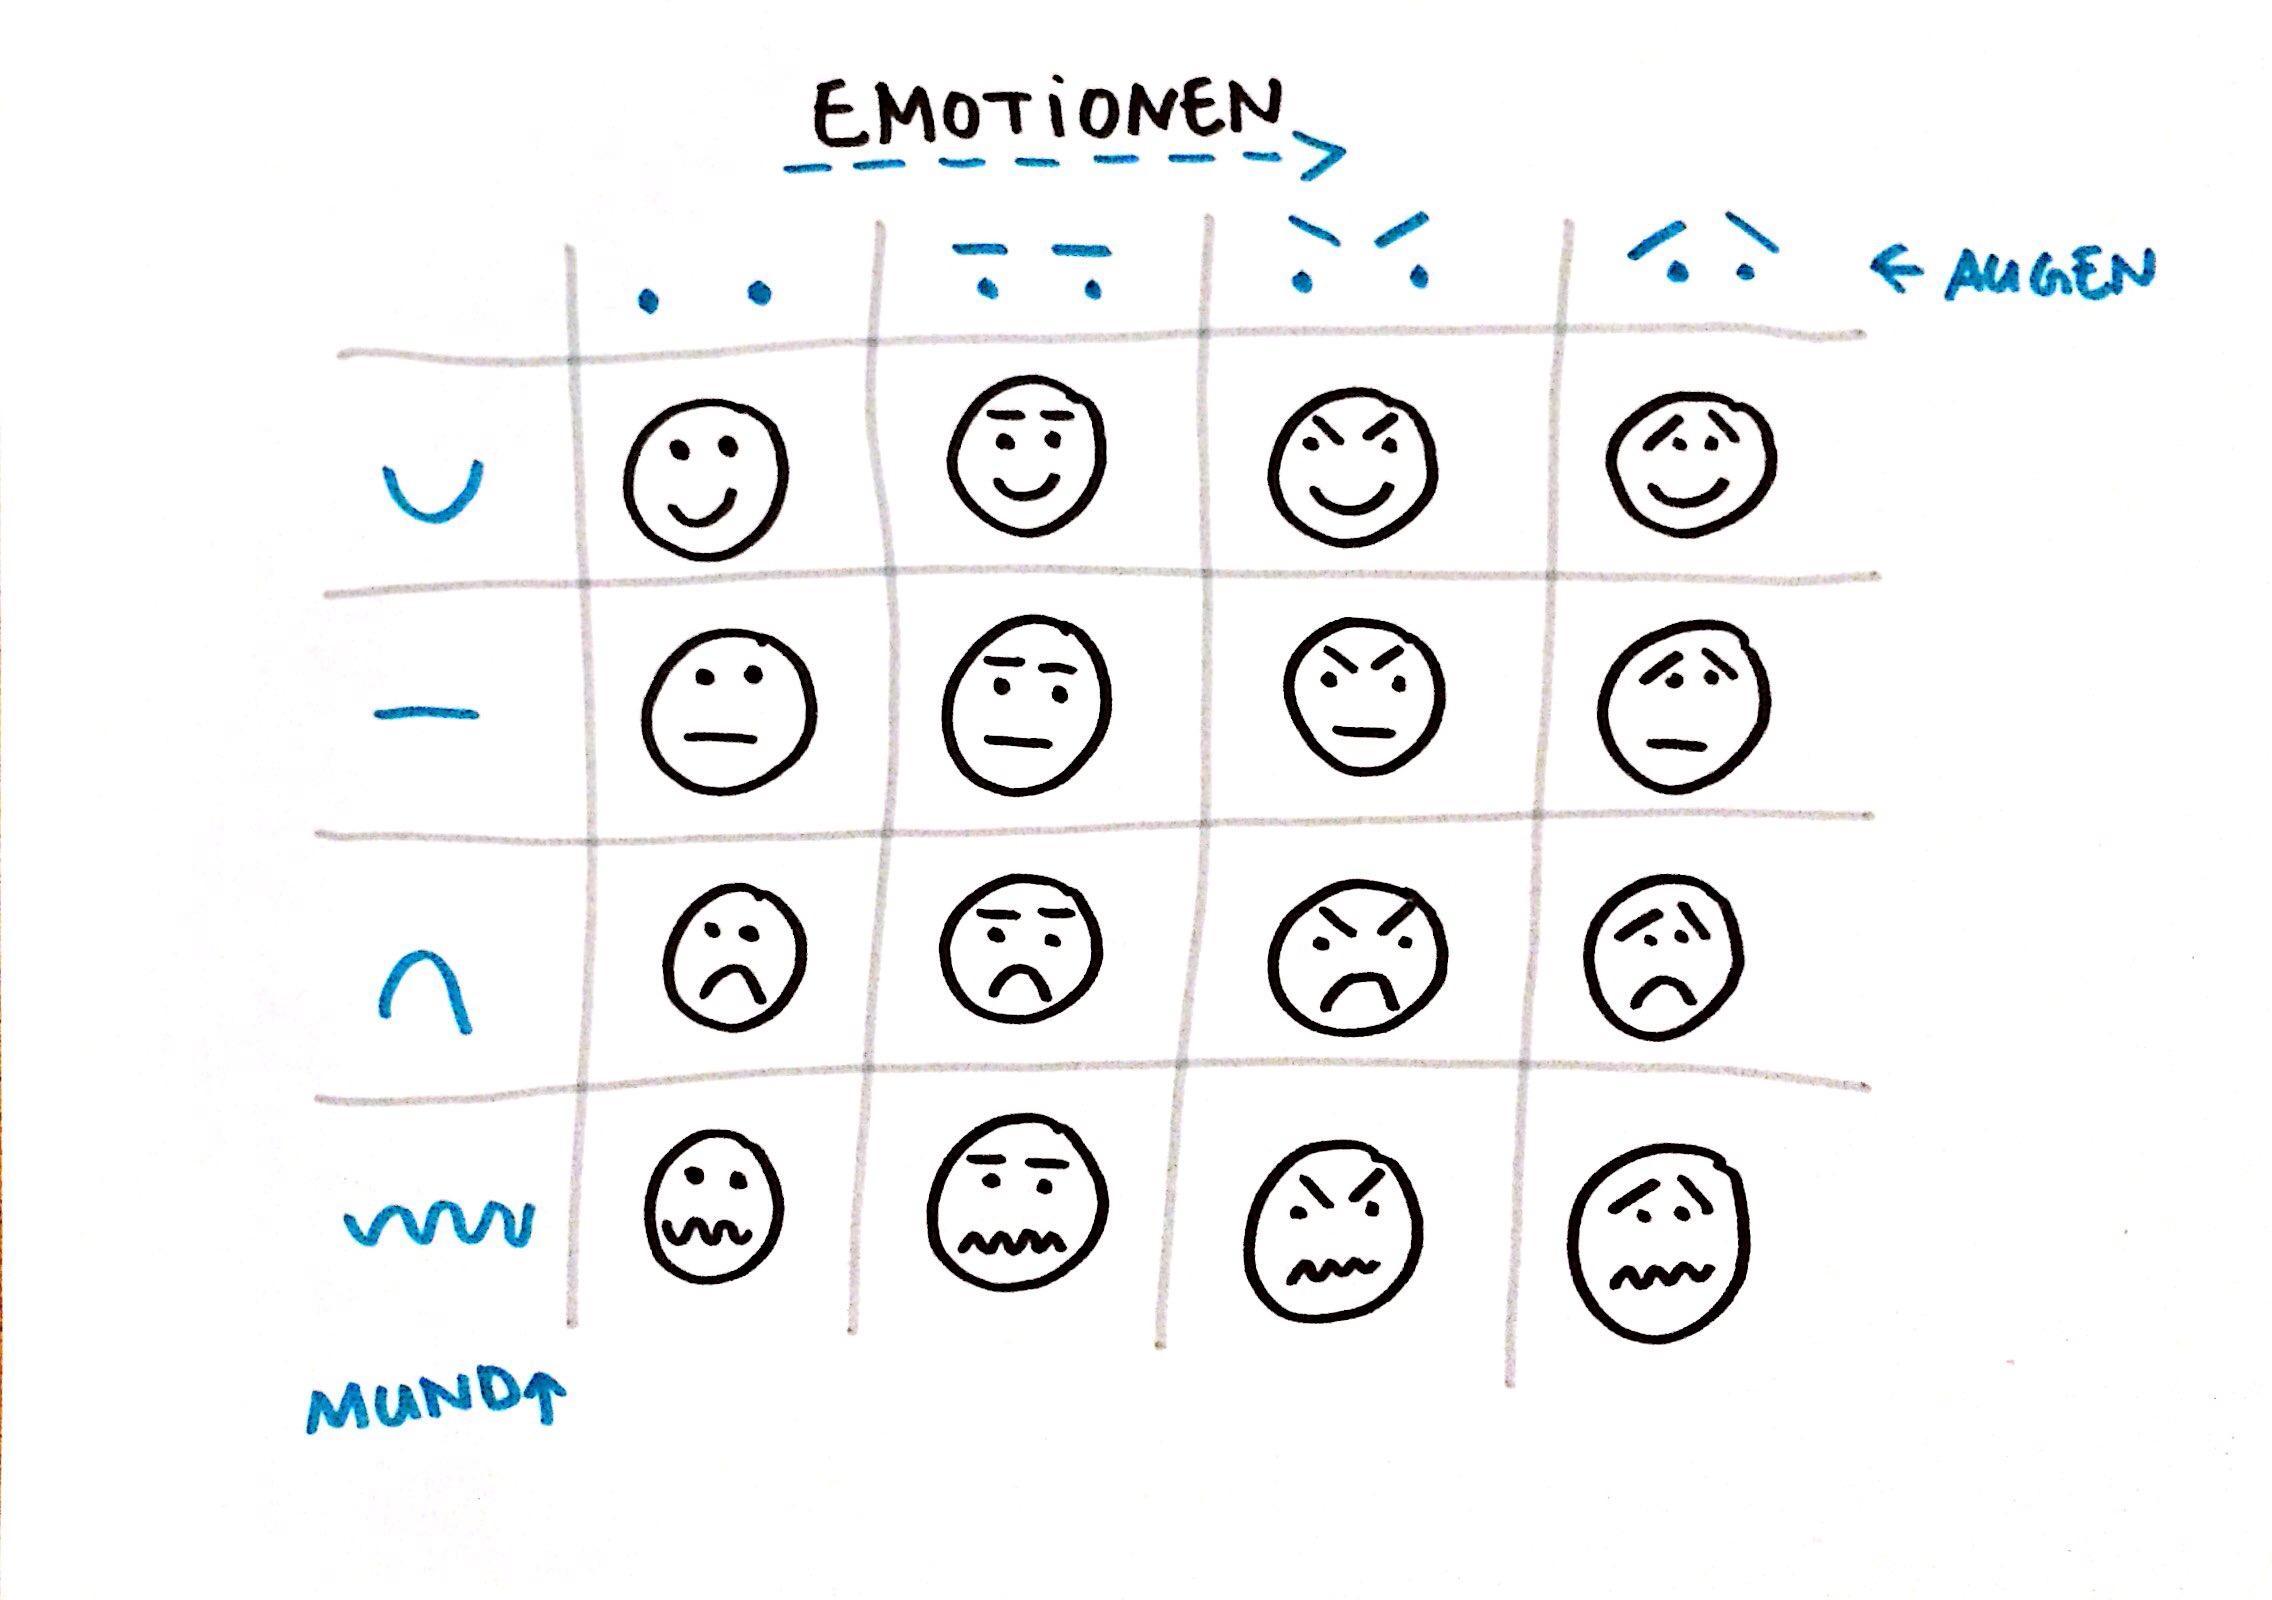 Wie Du Emotionen darstellen kannst